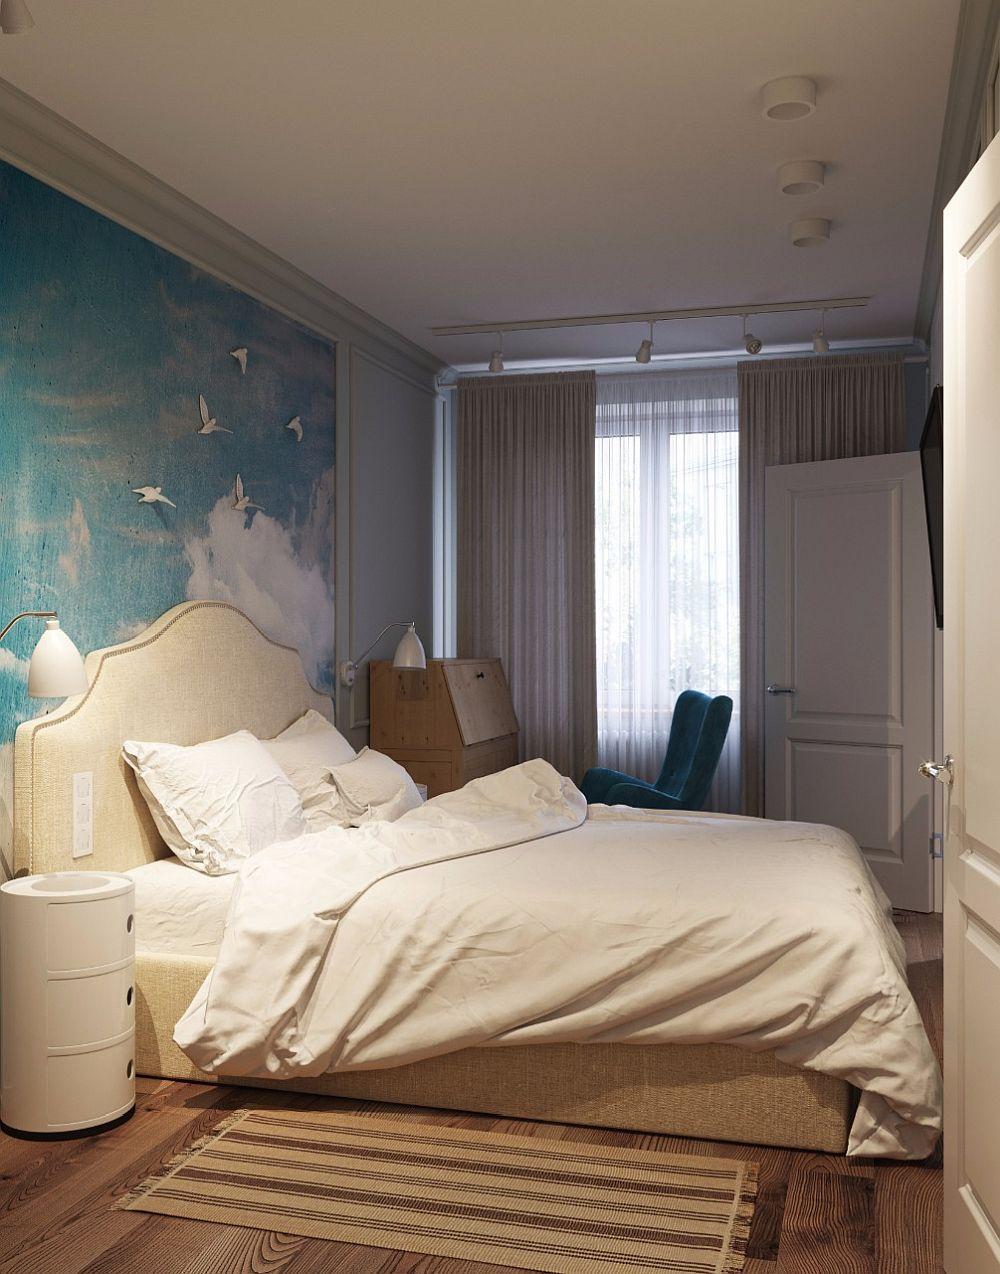 Lângă fereastră a fost amplasat locul de birou cu o masă achiziționată de la Ikea și un fotoliu confortabil cu spătar înalt.